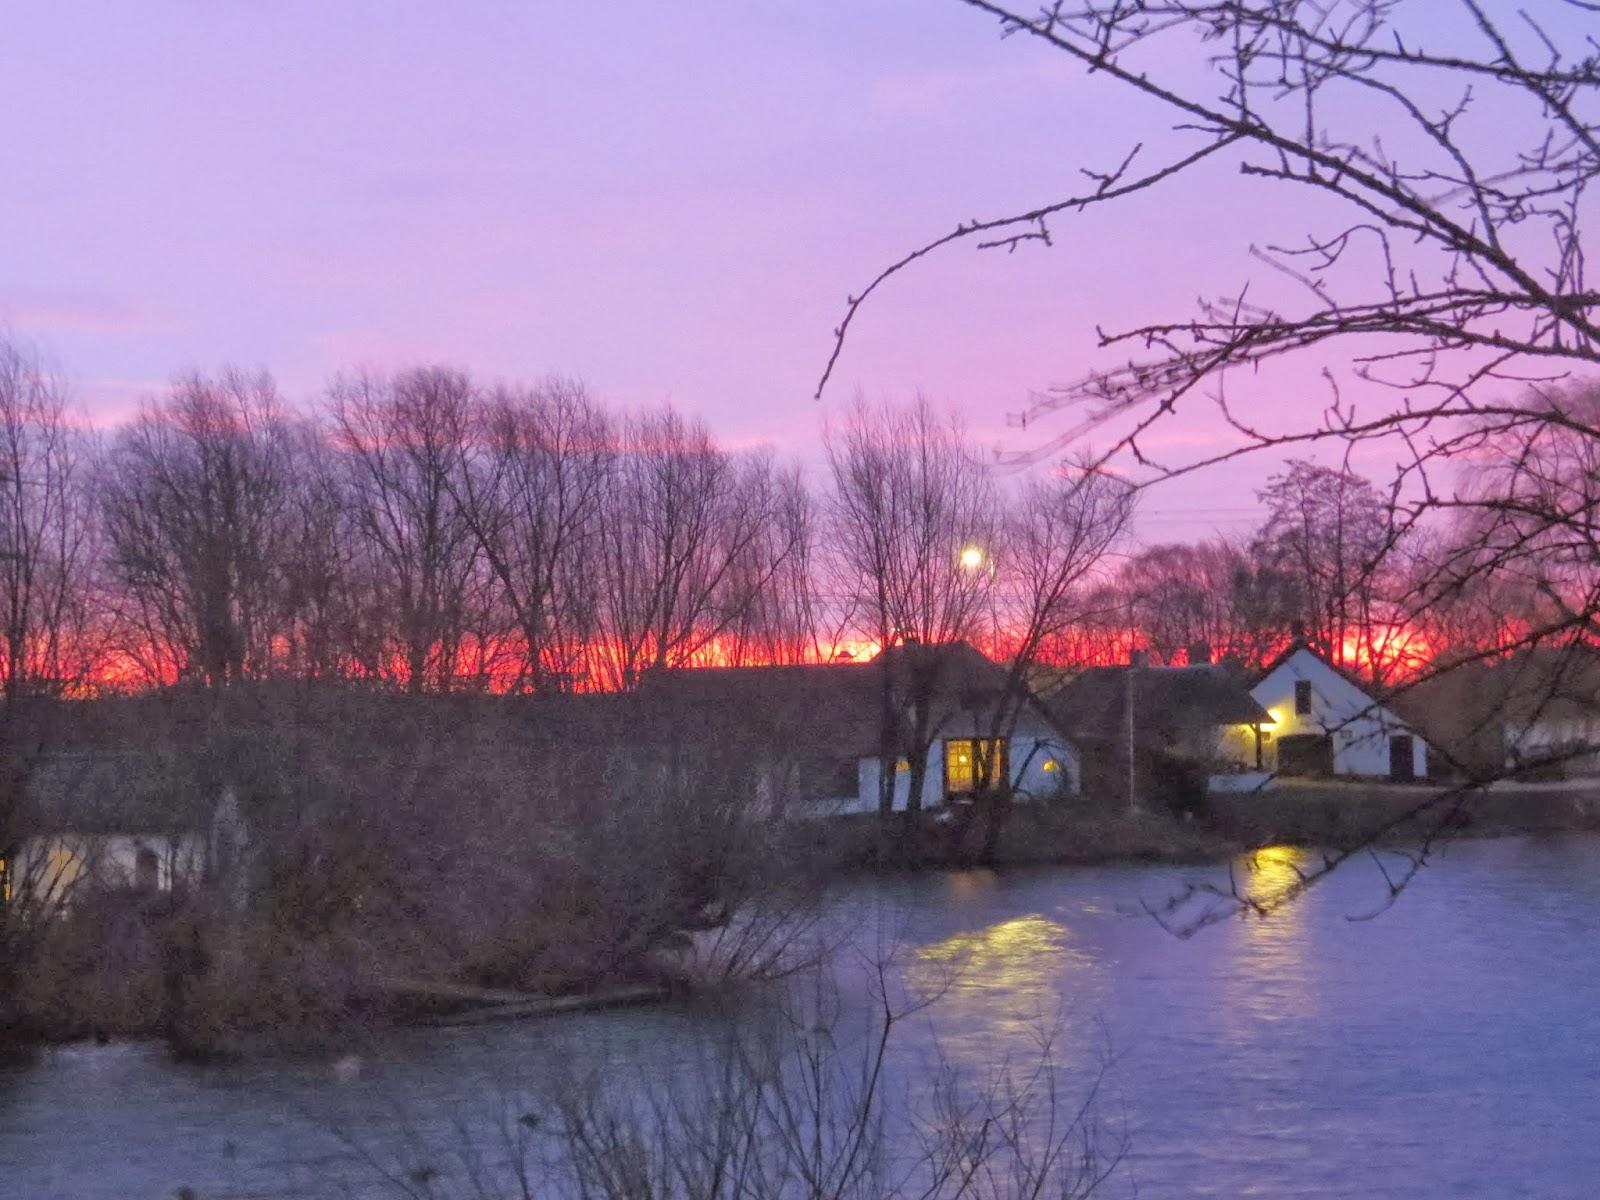 Morgenrot - Schlechtwetter droht